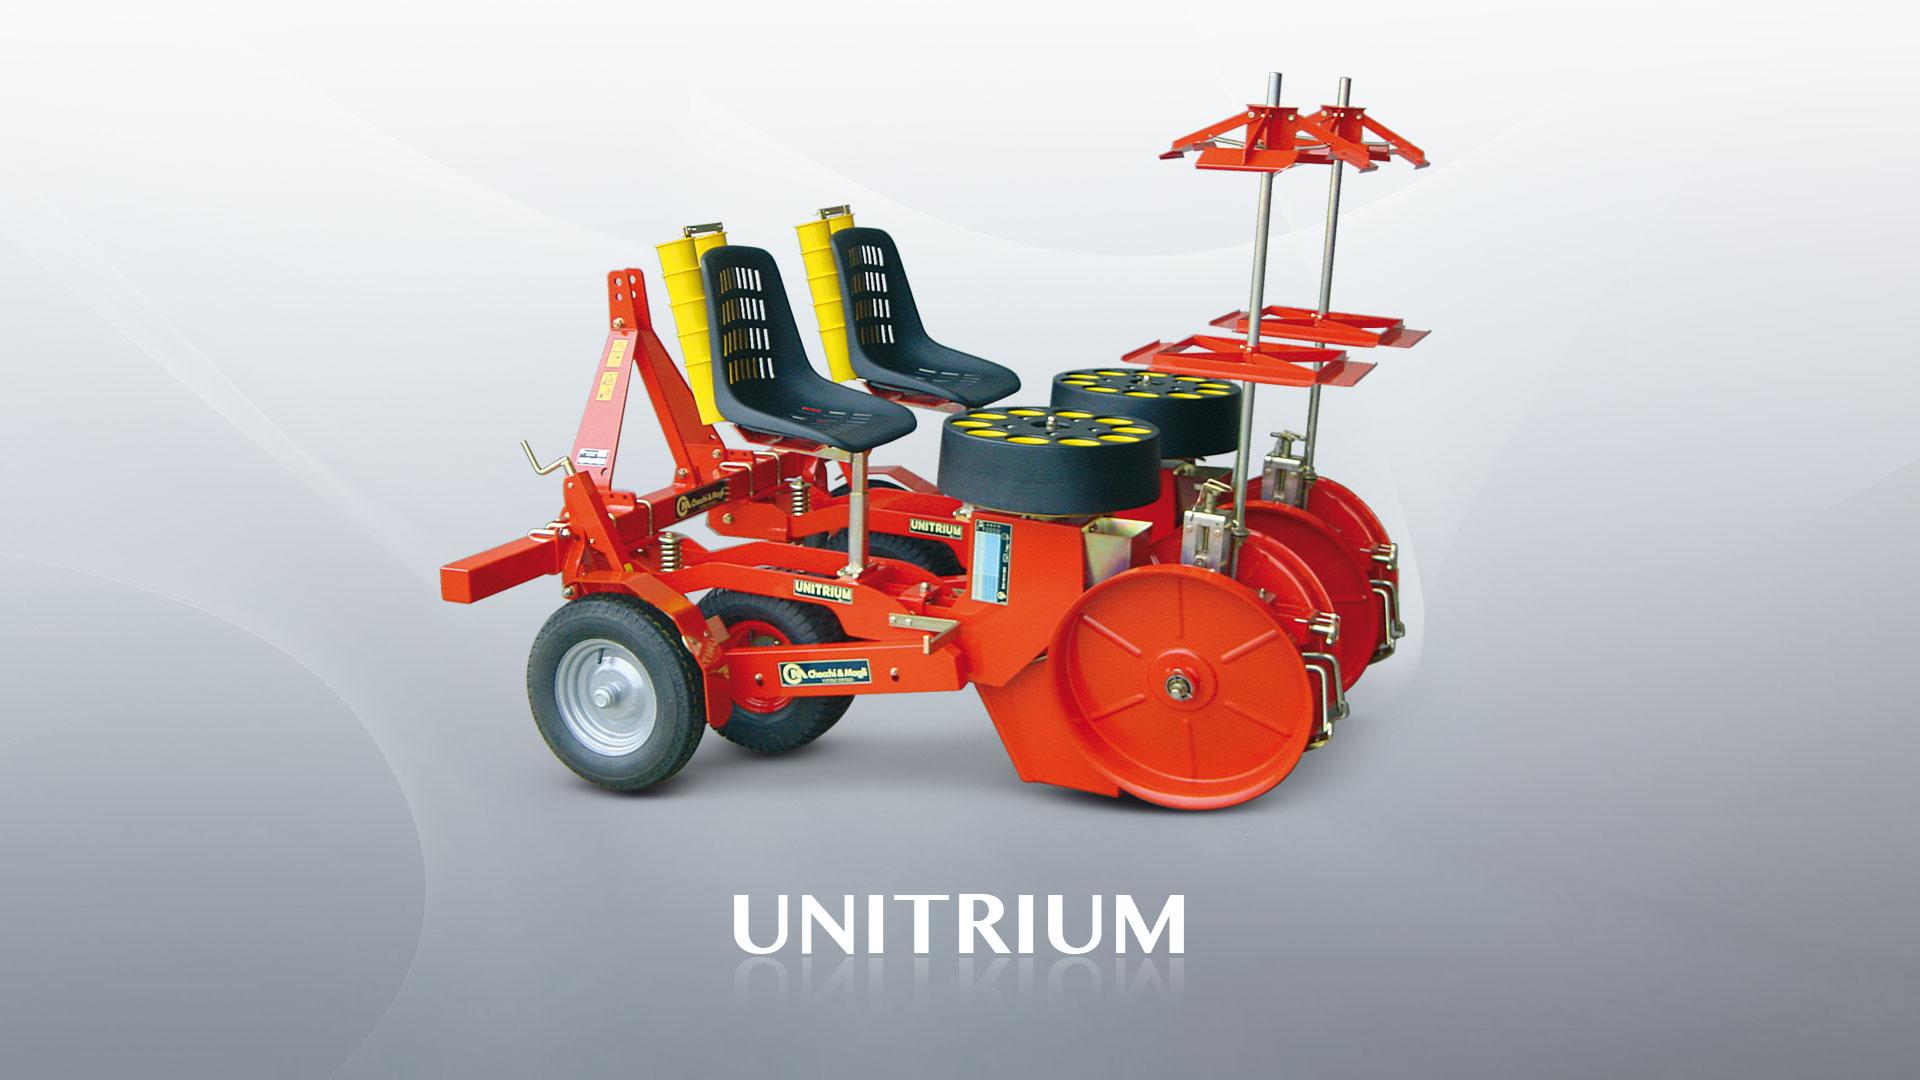 unitrium.jpg